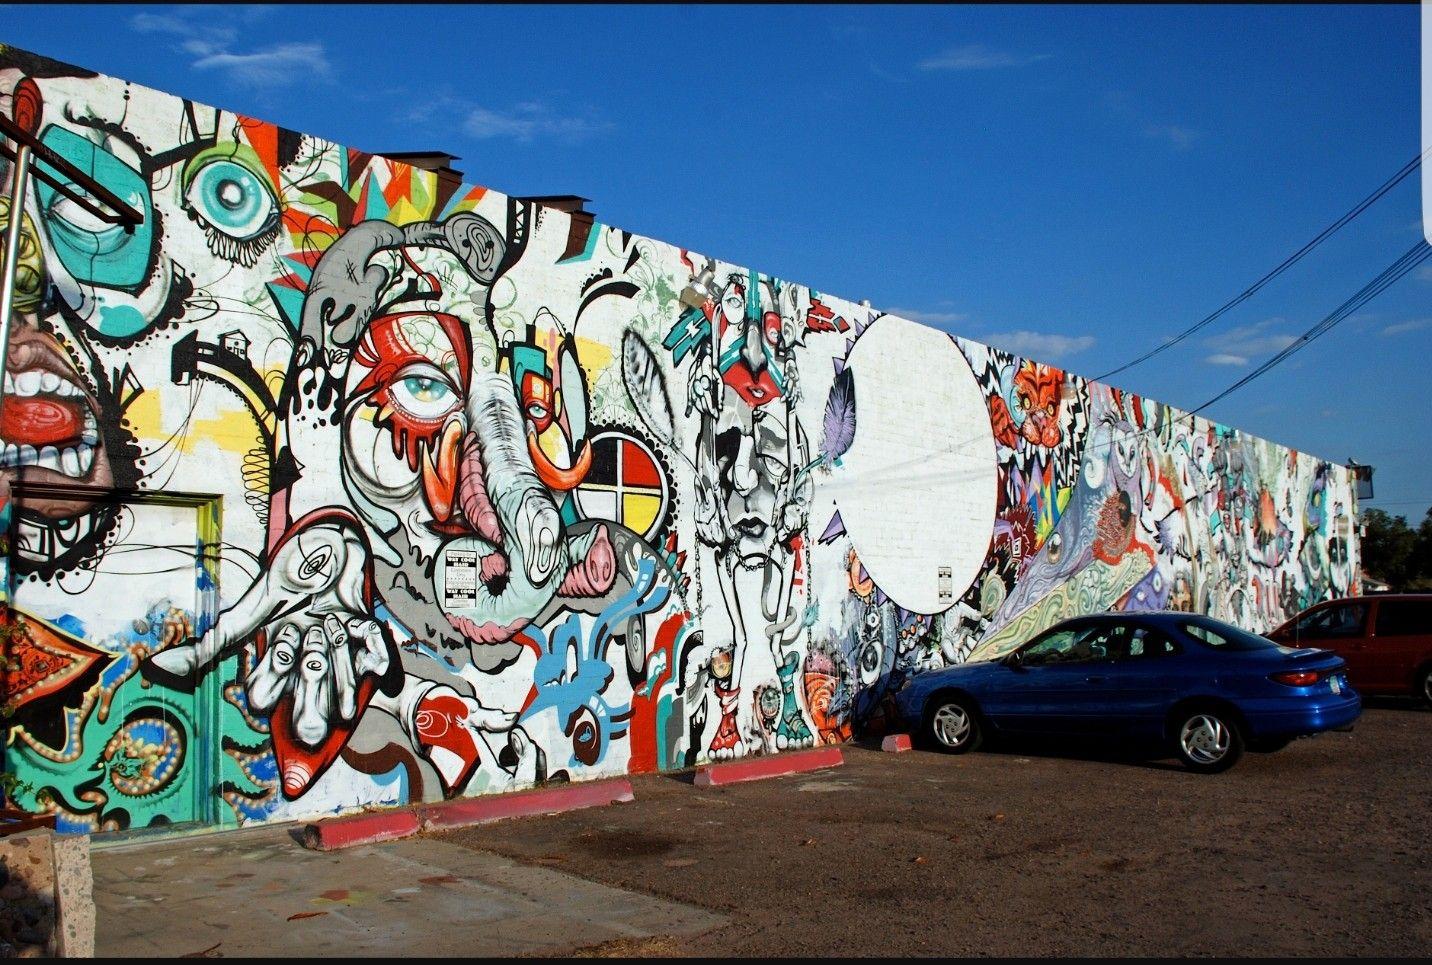 Pin by Jaime on GЯΛFFIƬI GӨDS Urban art, Art, Arizona arts